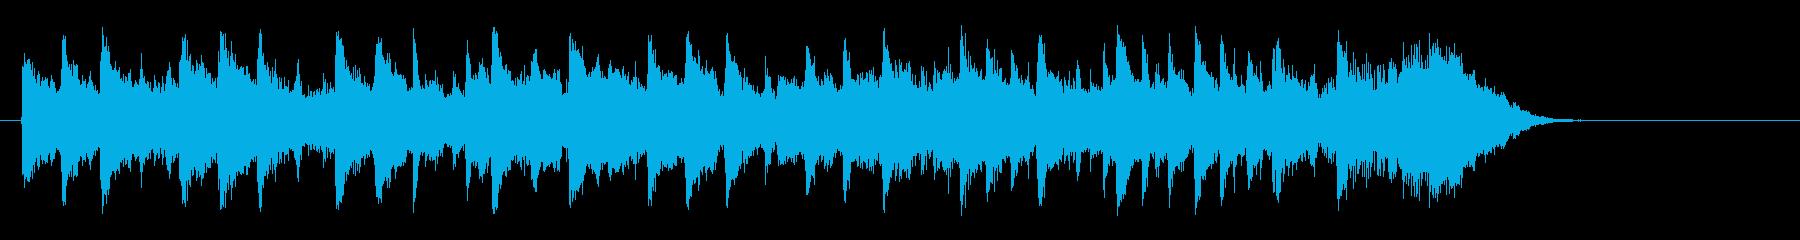 ドキュメント風ポップス(サビ~エンド)の再生済みの波形